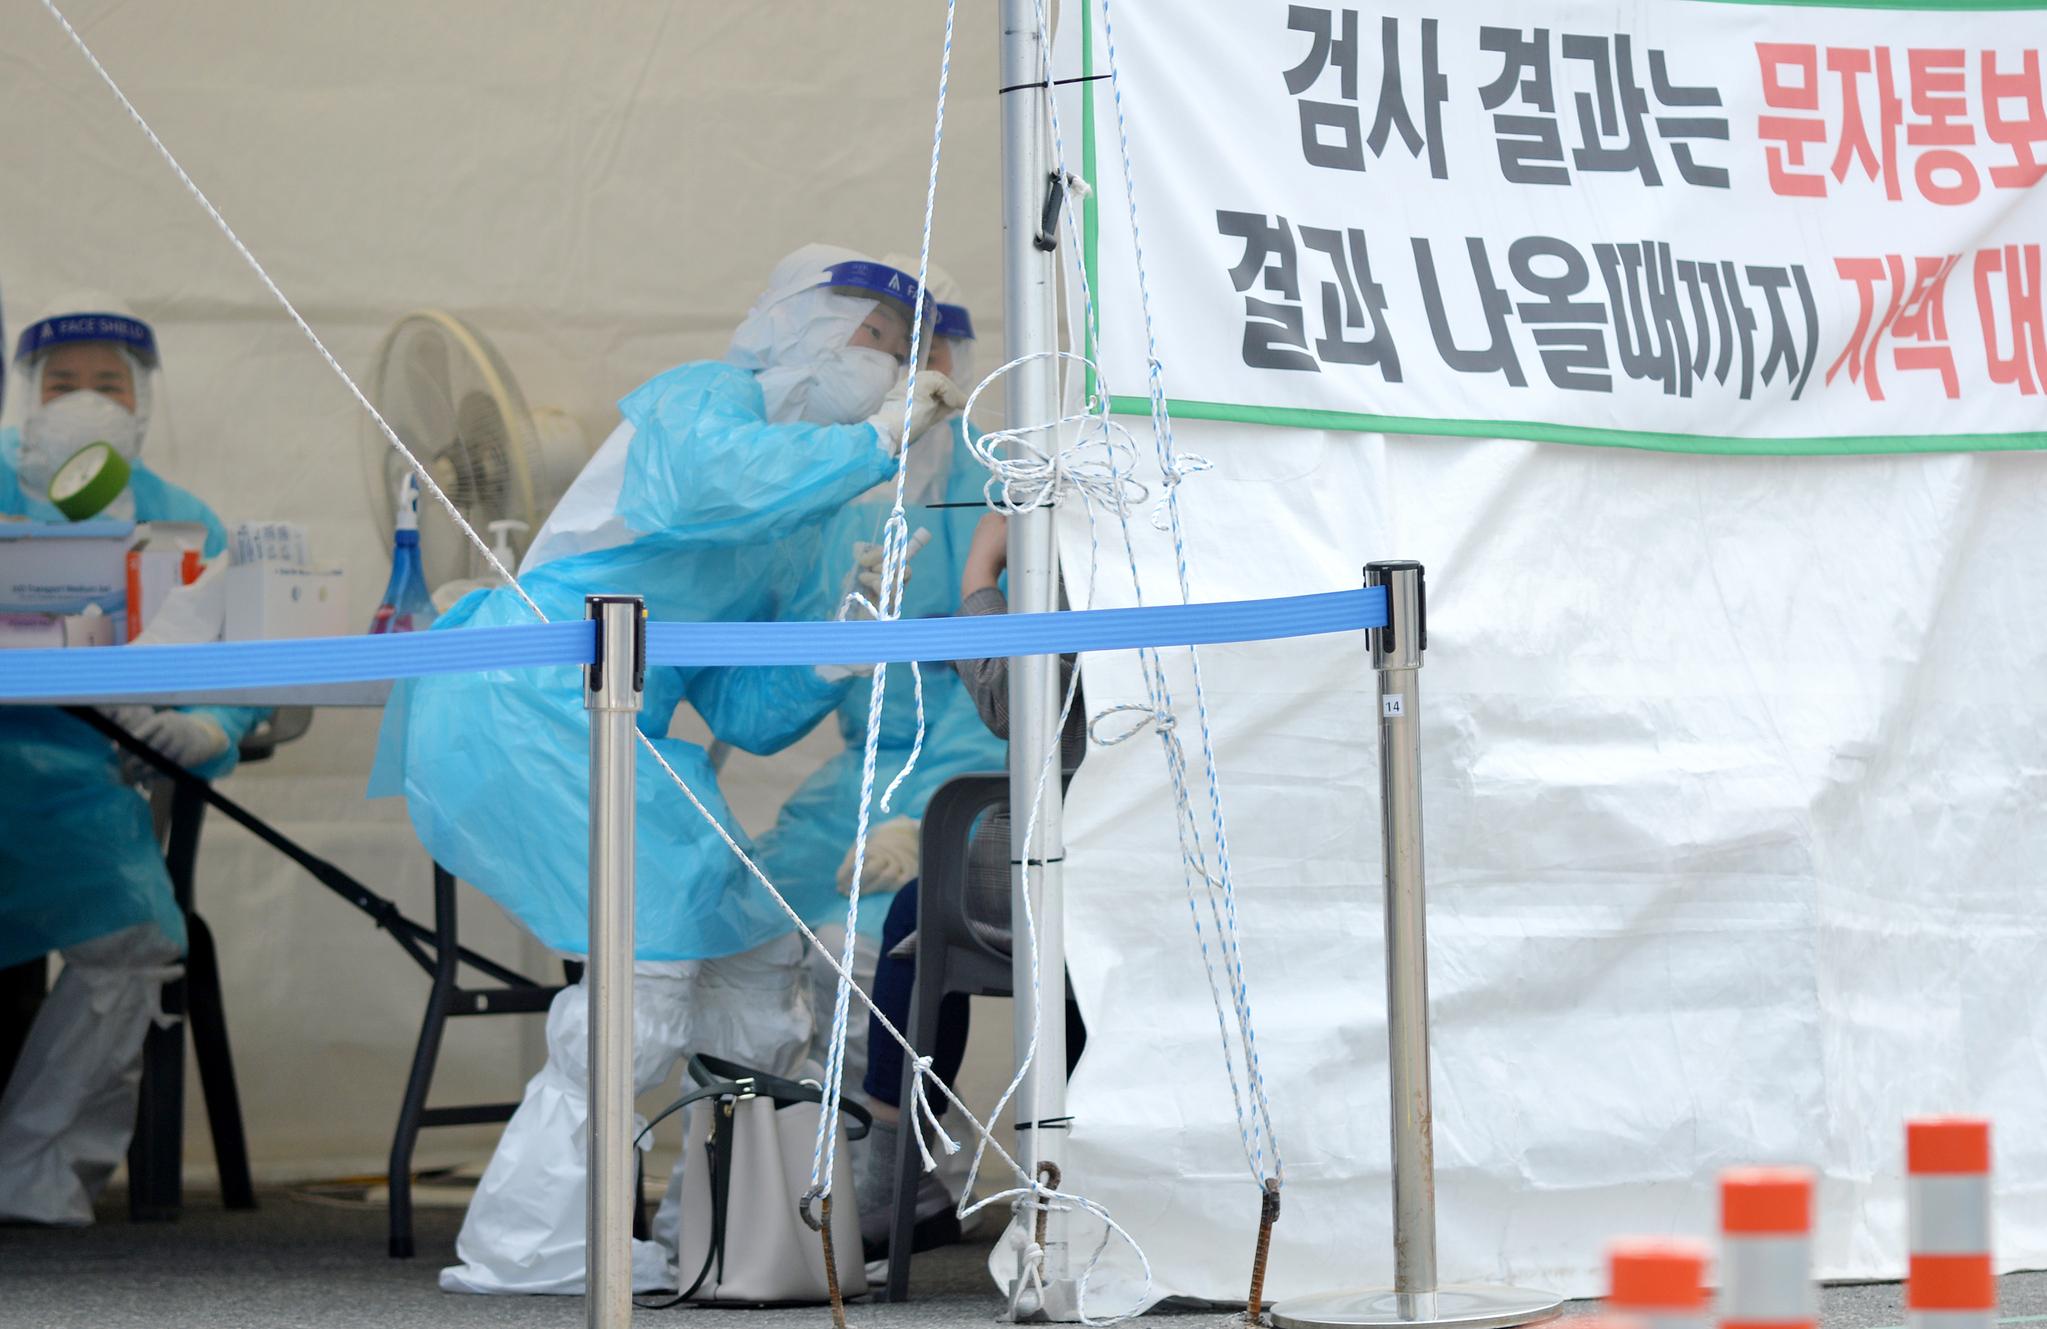 신종 코로나바이러스 감염증(코로나19)확산으로 비상이 걸린 22일 대전 한밭체육관 앞 코로나19 선별진료소에서 의료진들이 방문한 시민들을 분주히 검사하고 있다. 중앙포토